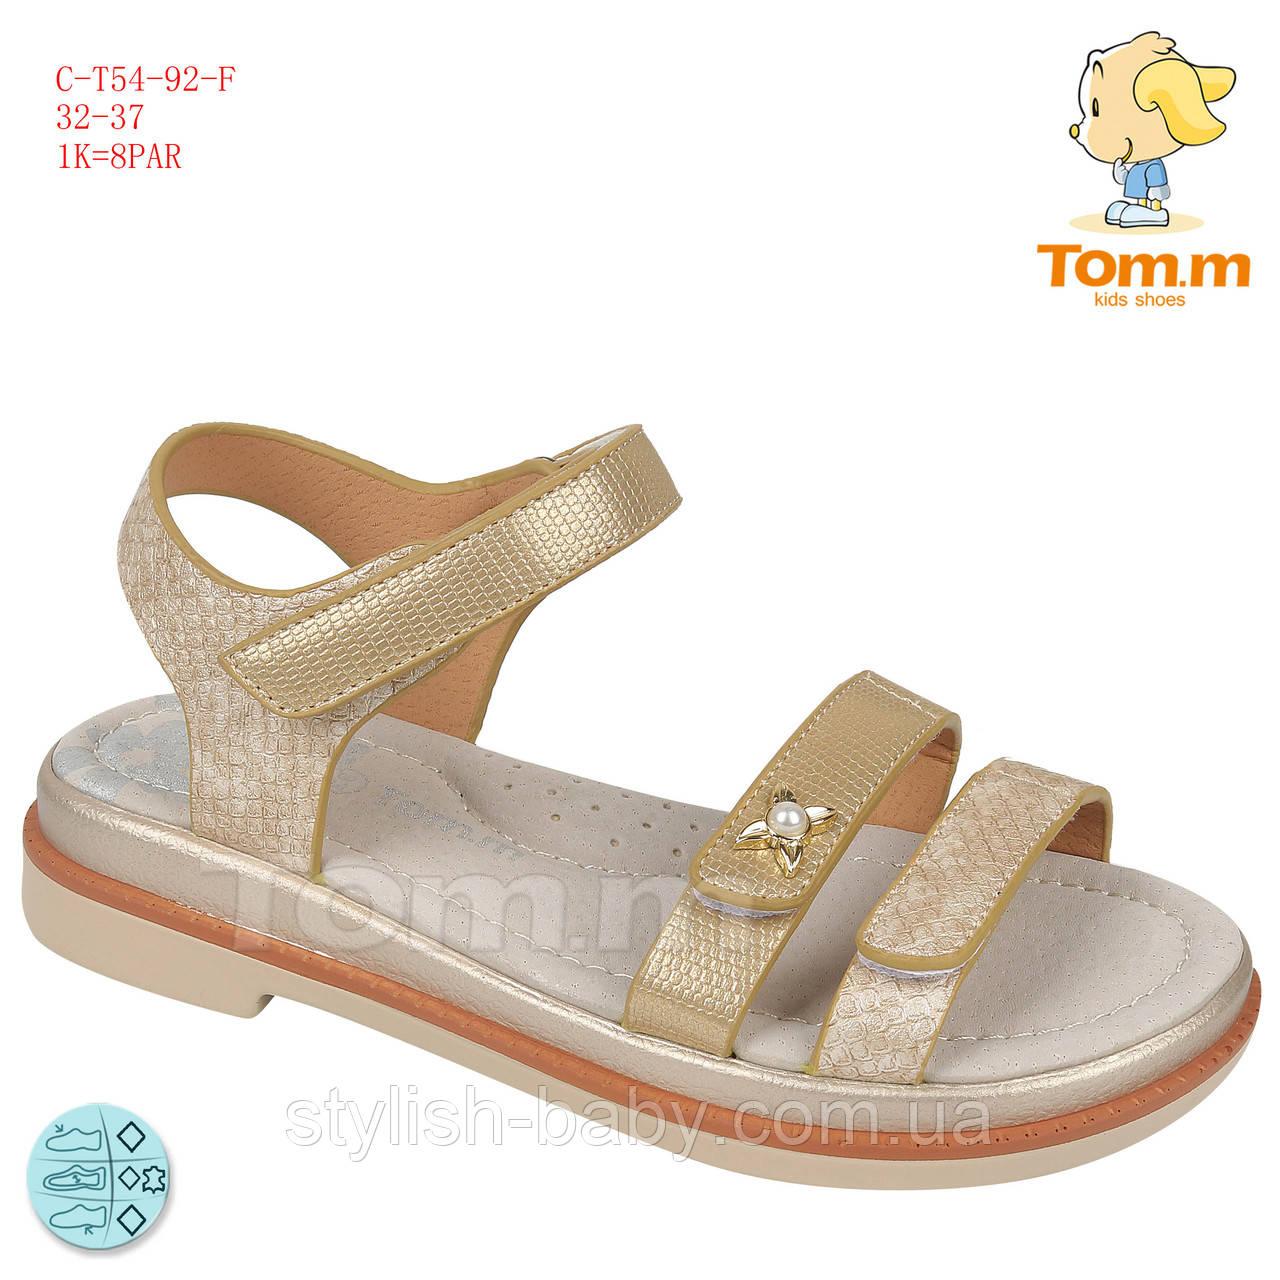 Дитяче літнє взуття оптом. Дитячі босоніжки бренду Tom.m для дівчаток (рр. з 32 з 37)